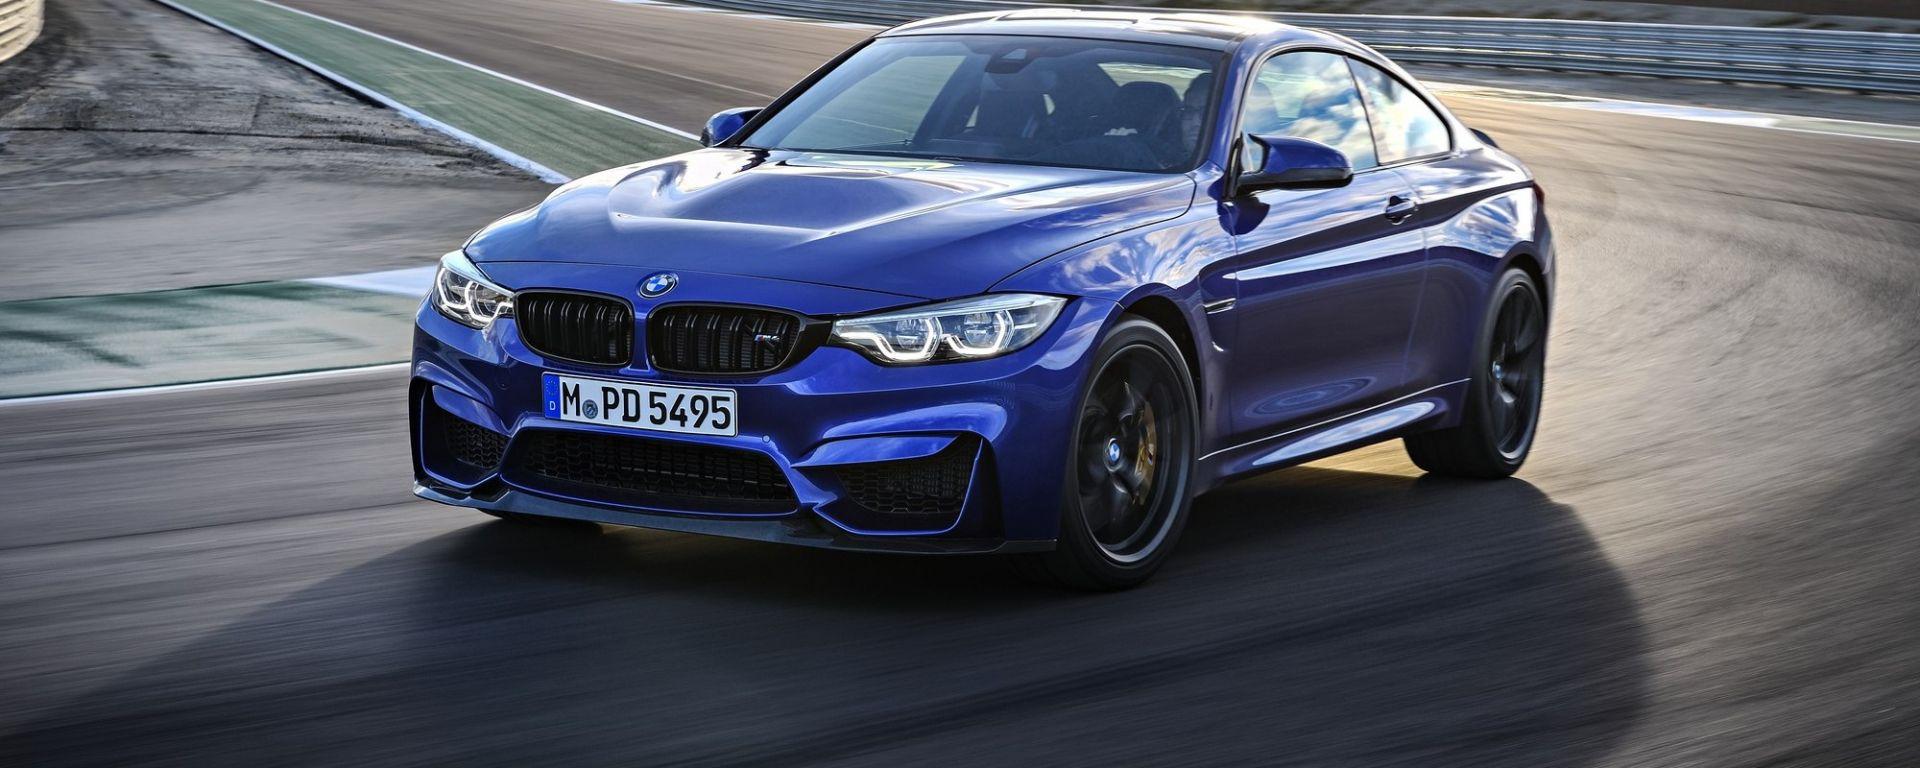 BMW M4 CS: foto, caratteristiche e prezzi in anteprima